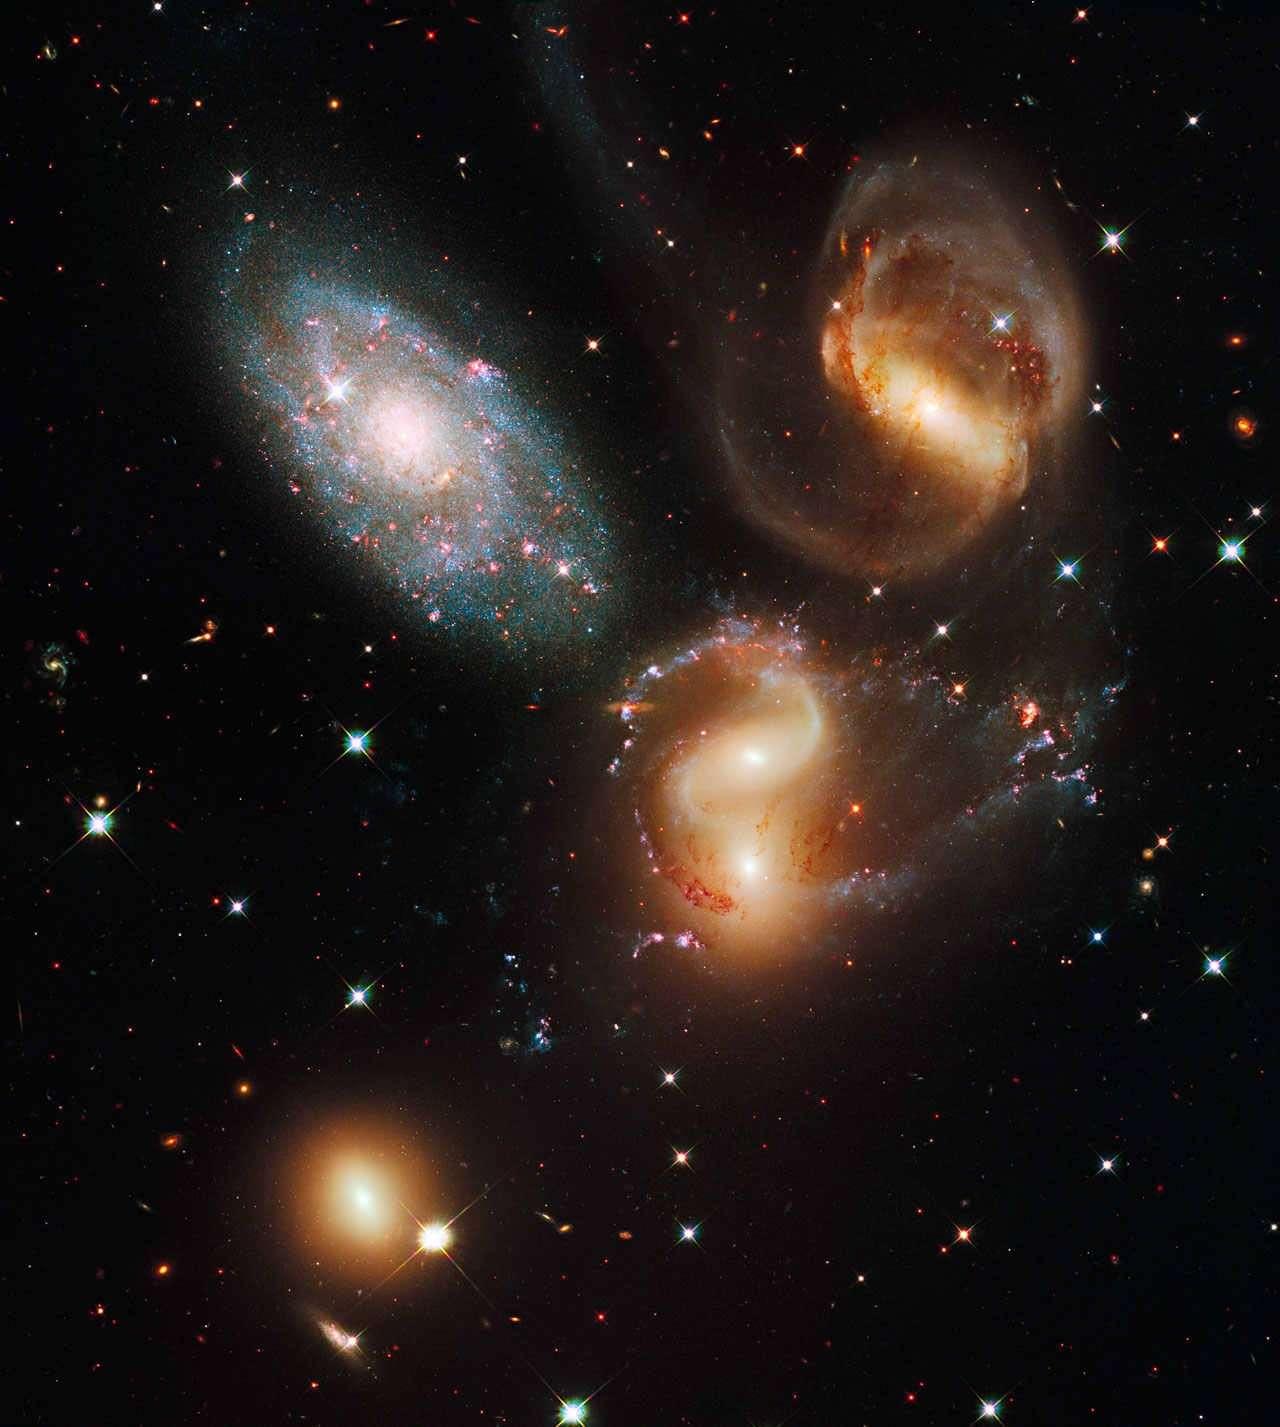 Le Quintette de Stephan vu par le télescope spatial Hubble. Crédit : NASA, ESA, Hubble SM4 ERO Team